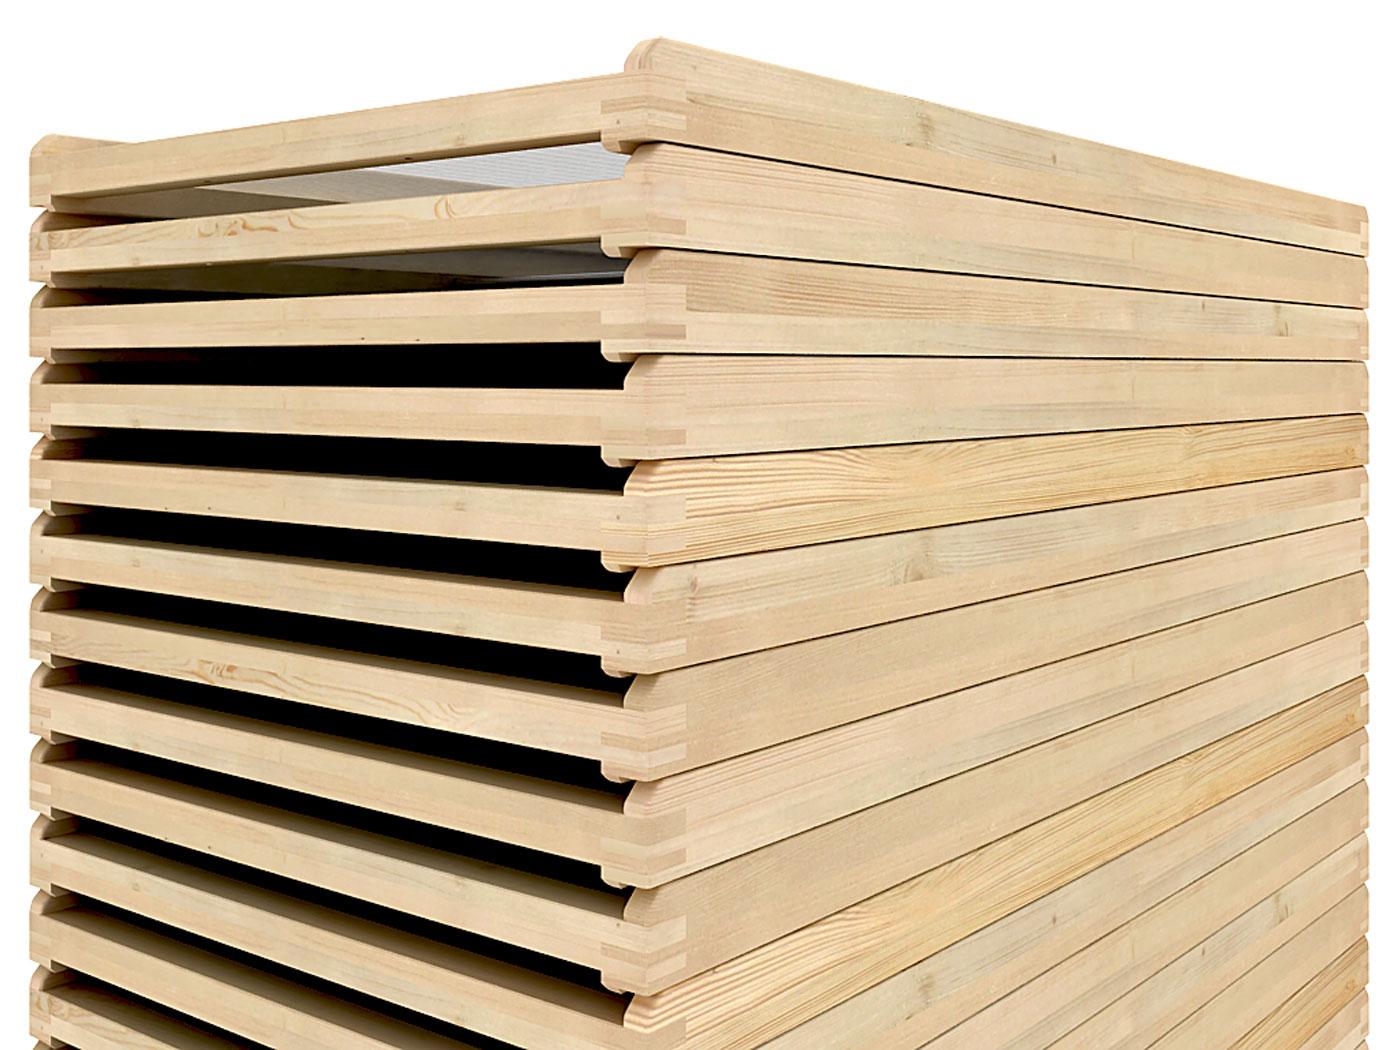 Trattamento Legno Per Uso Alimentare telai per pasta storci: telai in legno - telai in legno per